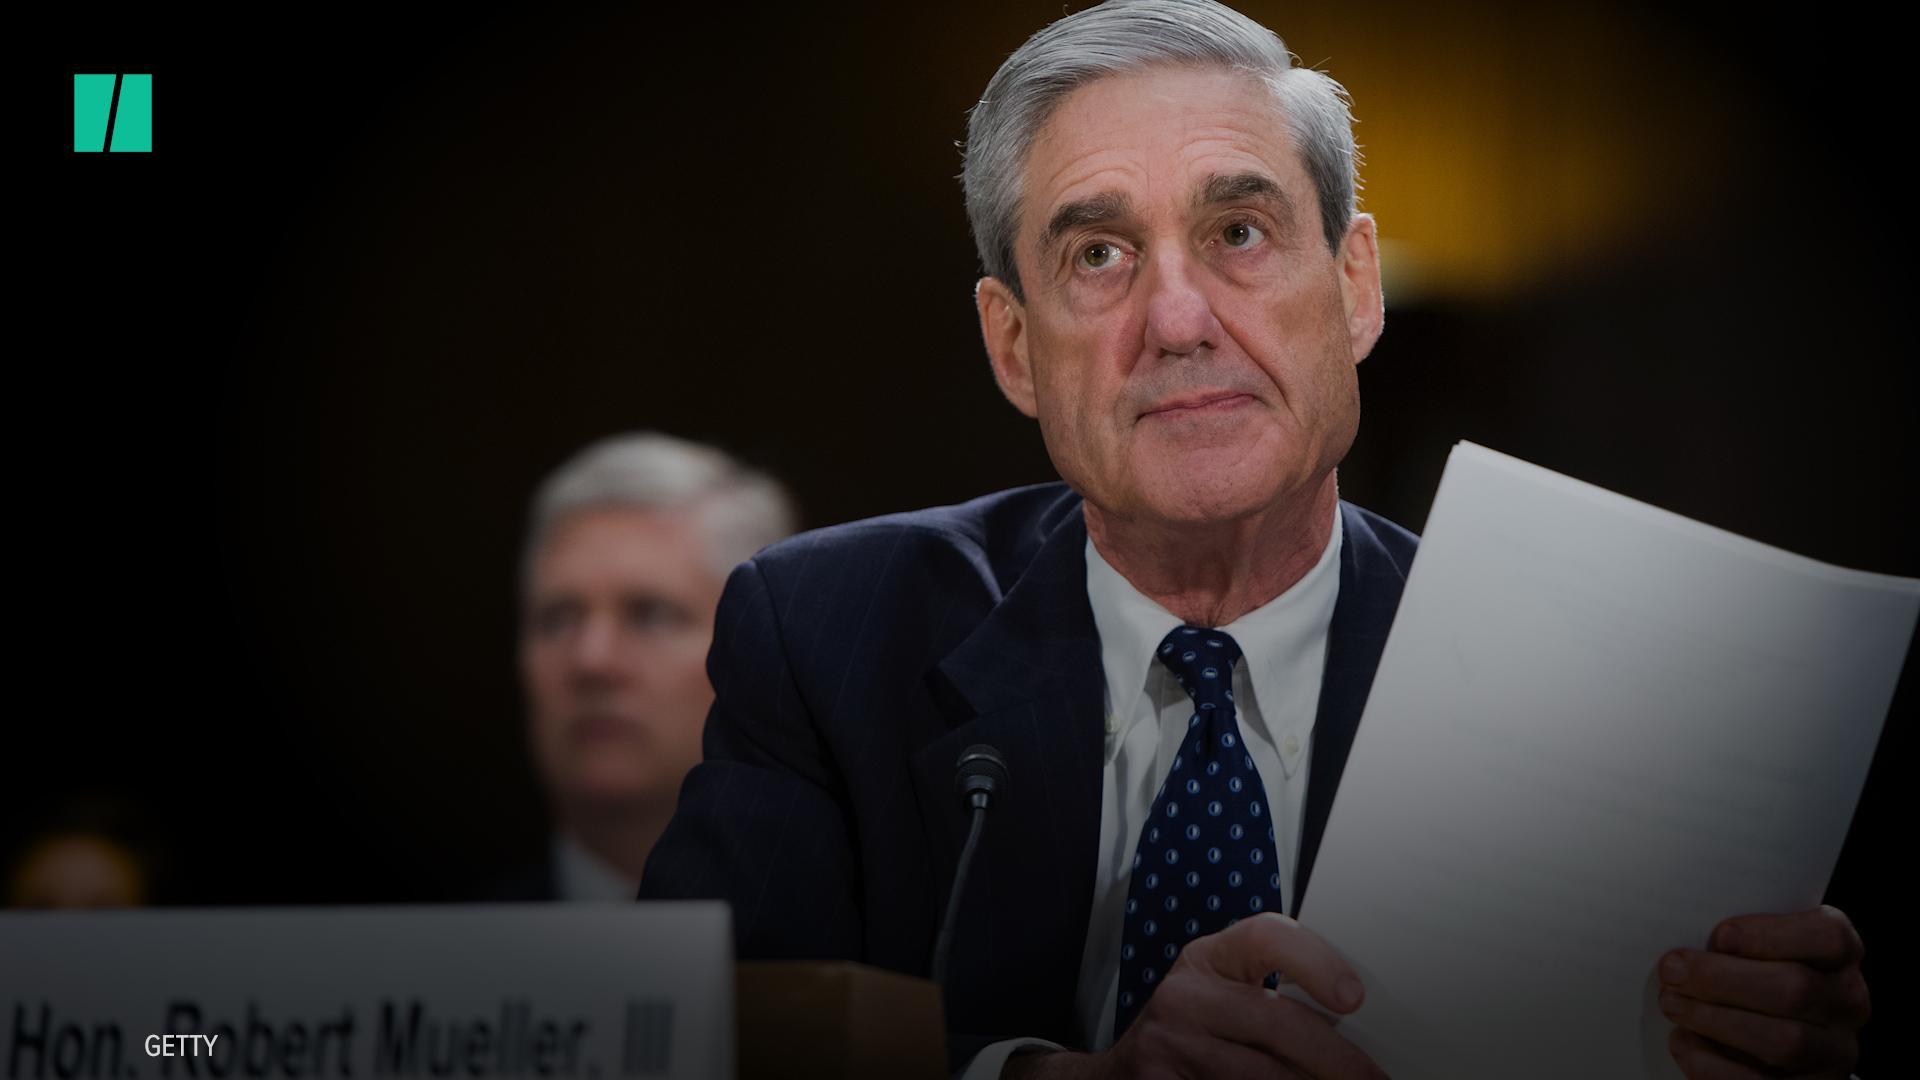 James Clapper Praises Robert Mueller As 'A National Hero'